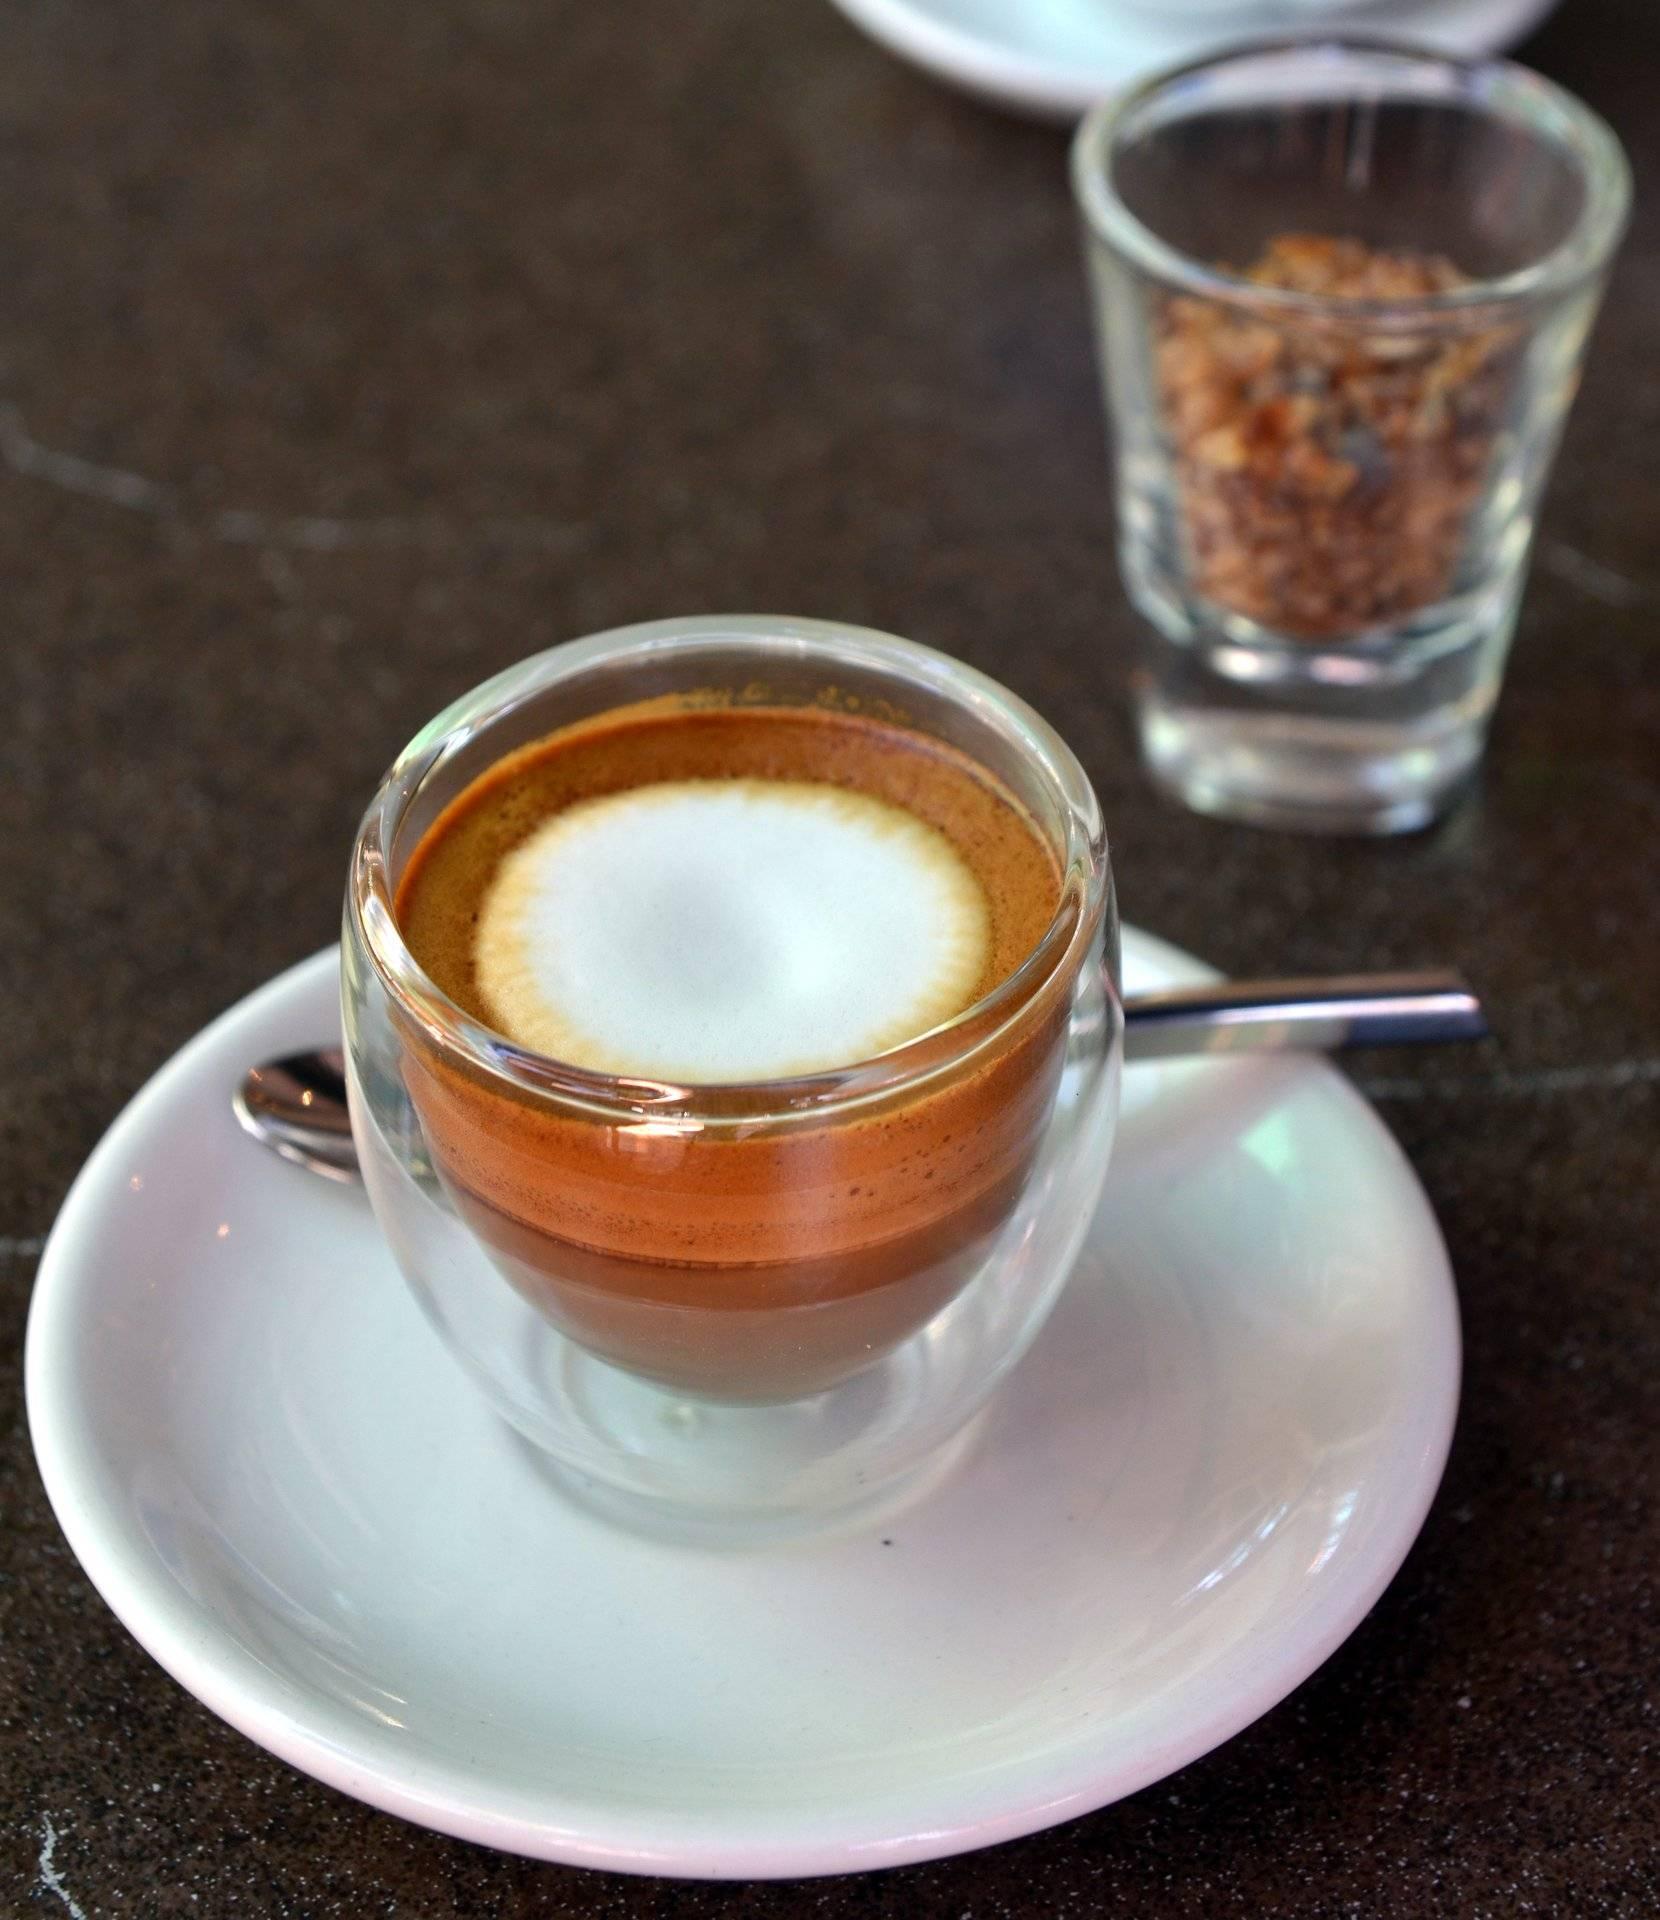 Что такое кофе кортадо, рецепты приготовления и вкус напитка